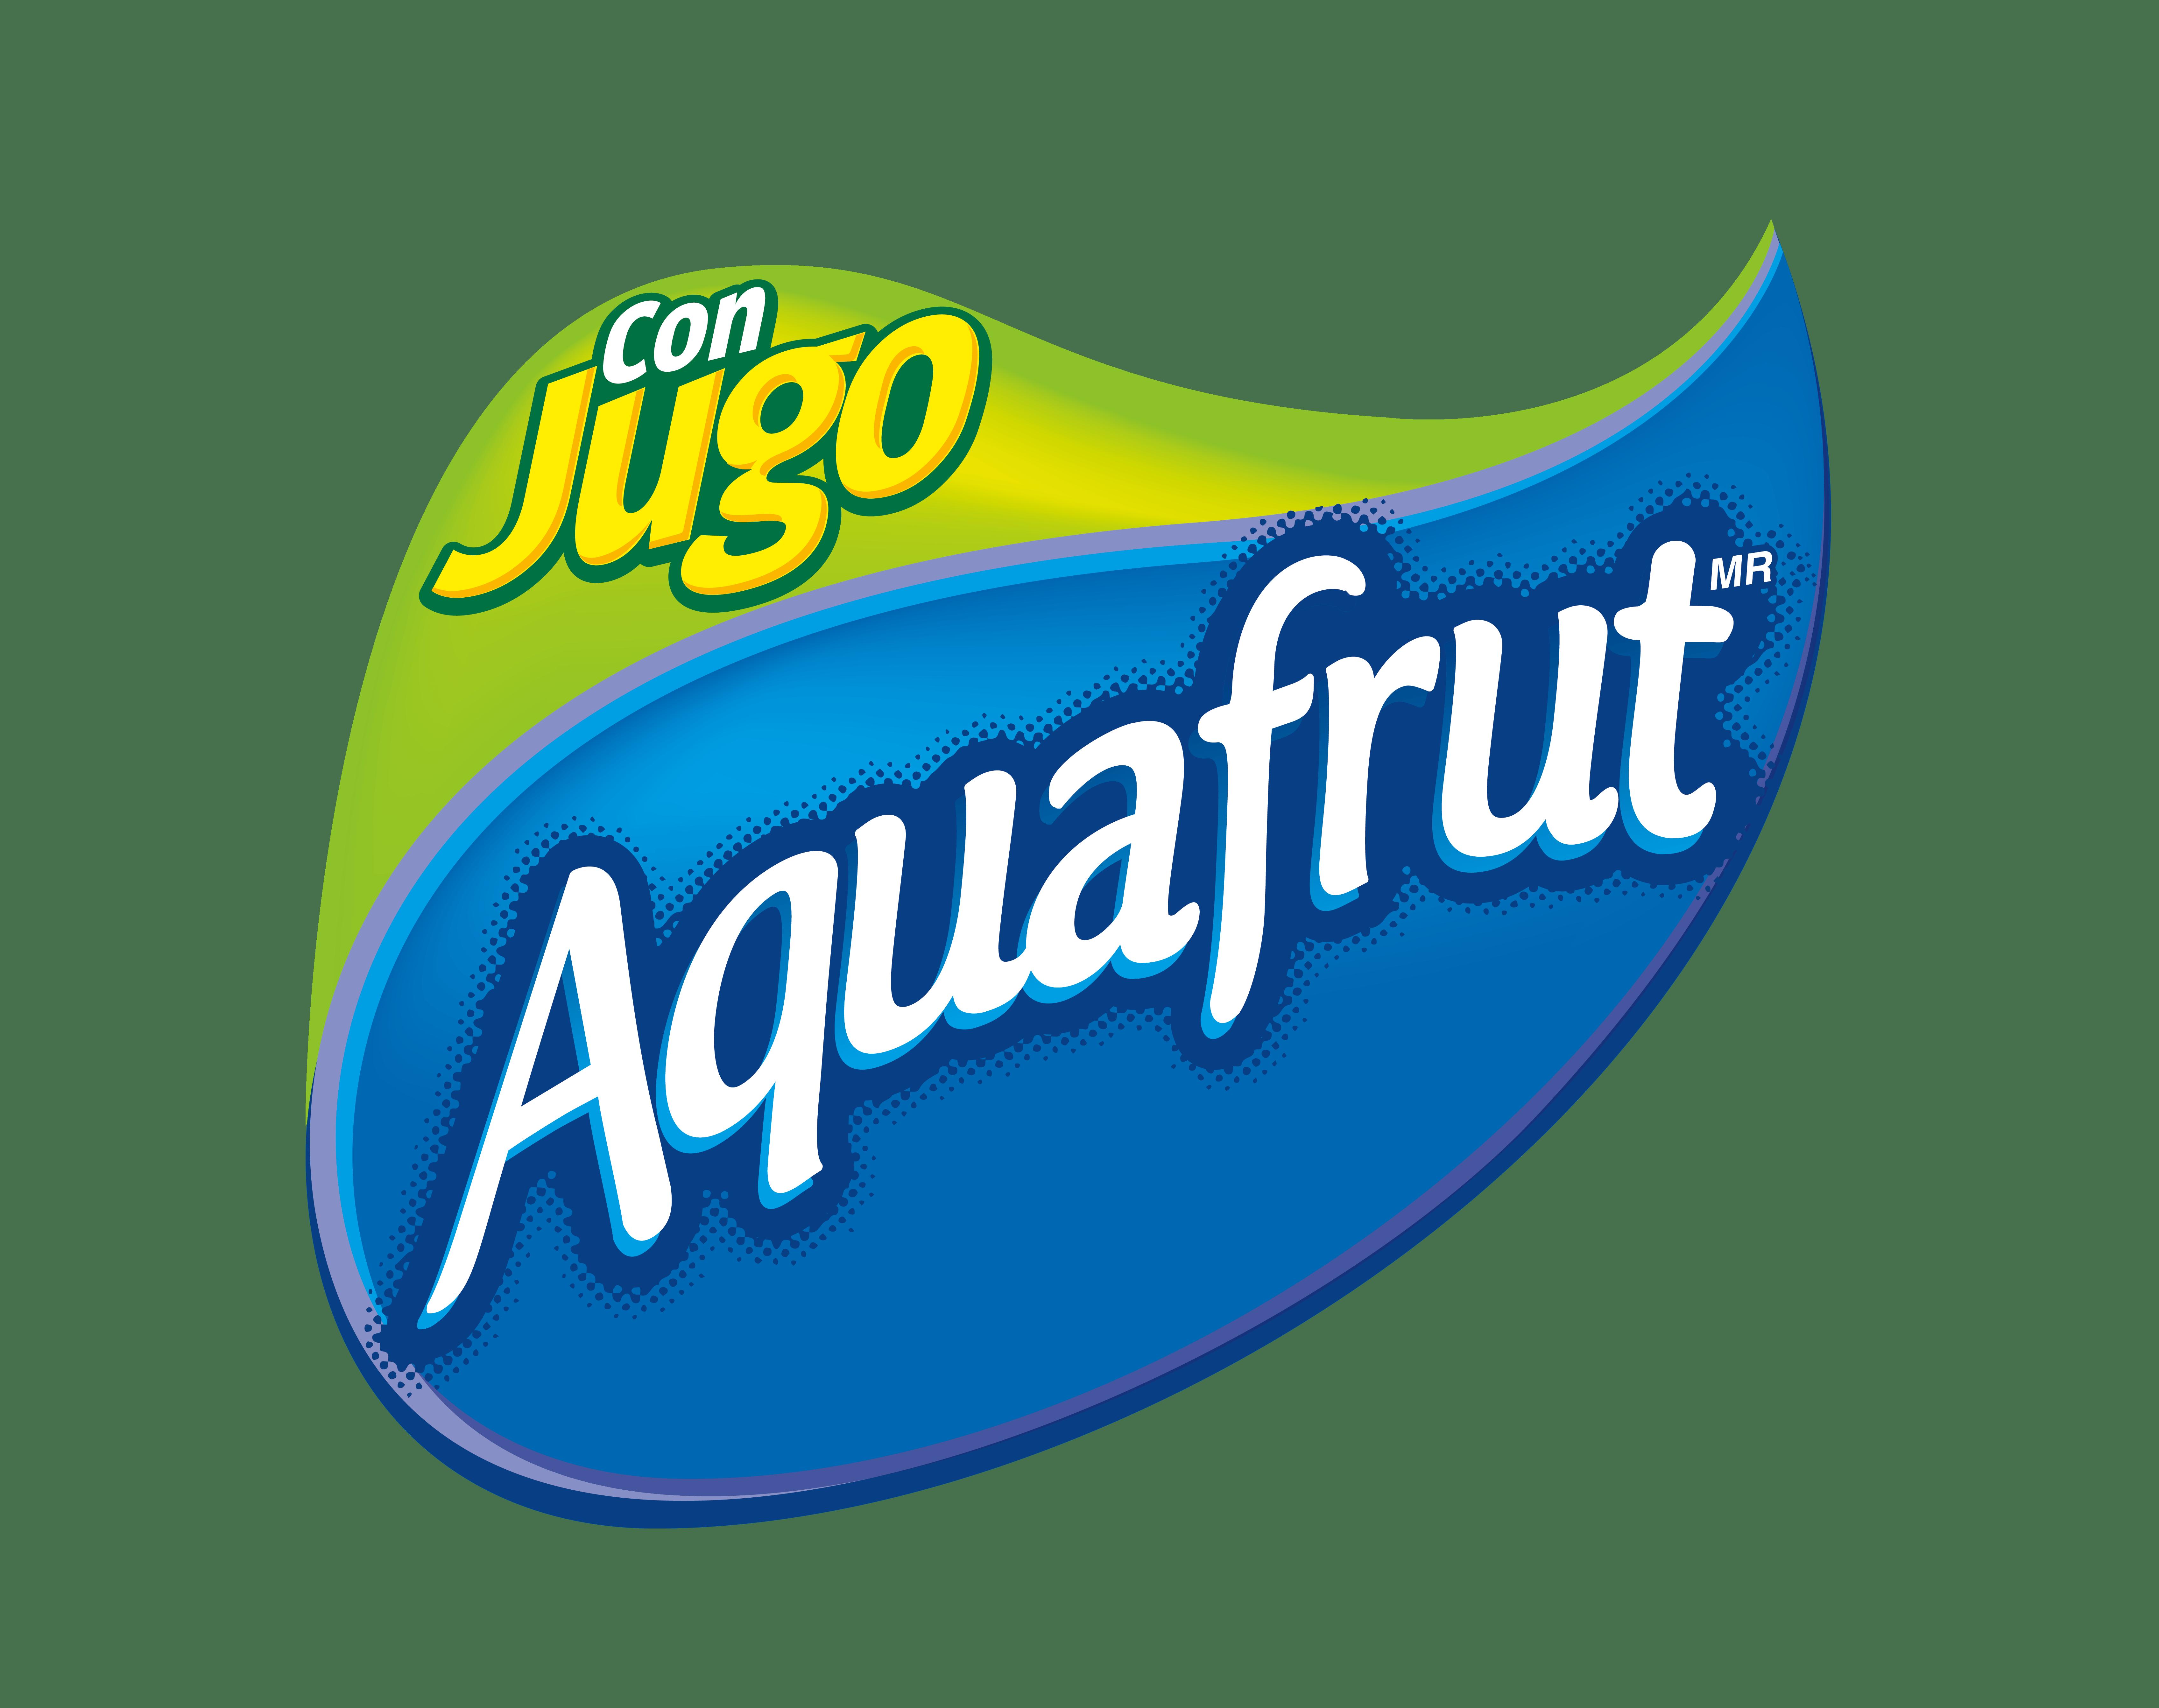 logo-Aquafrut